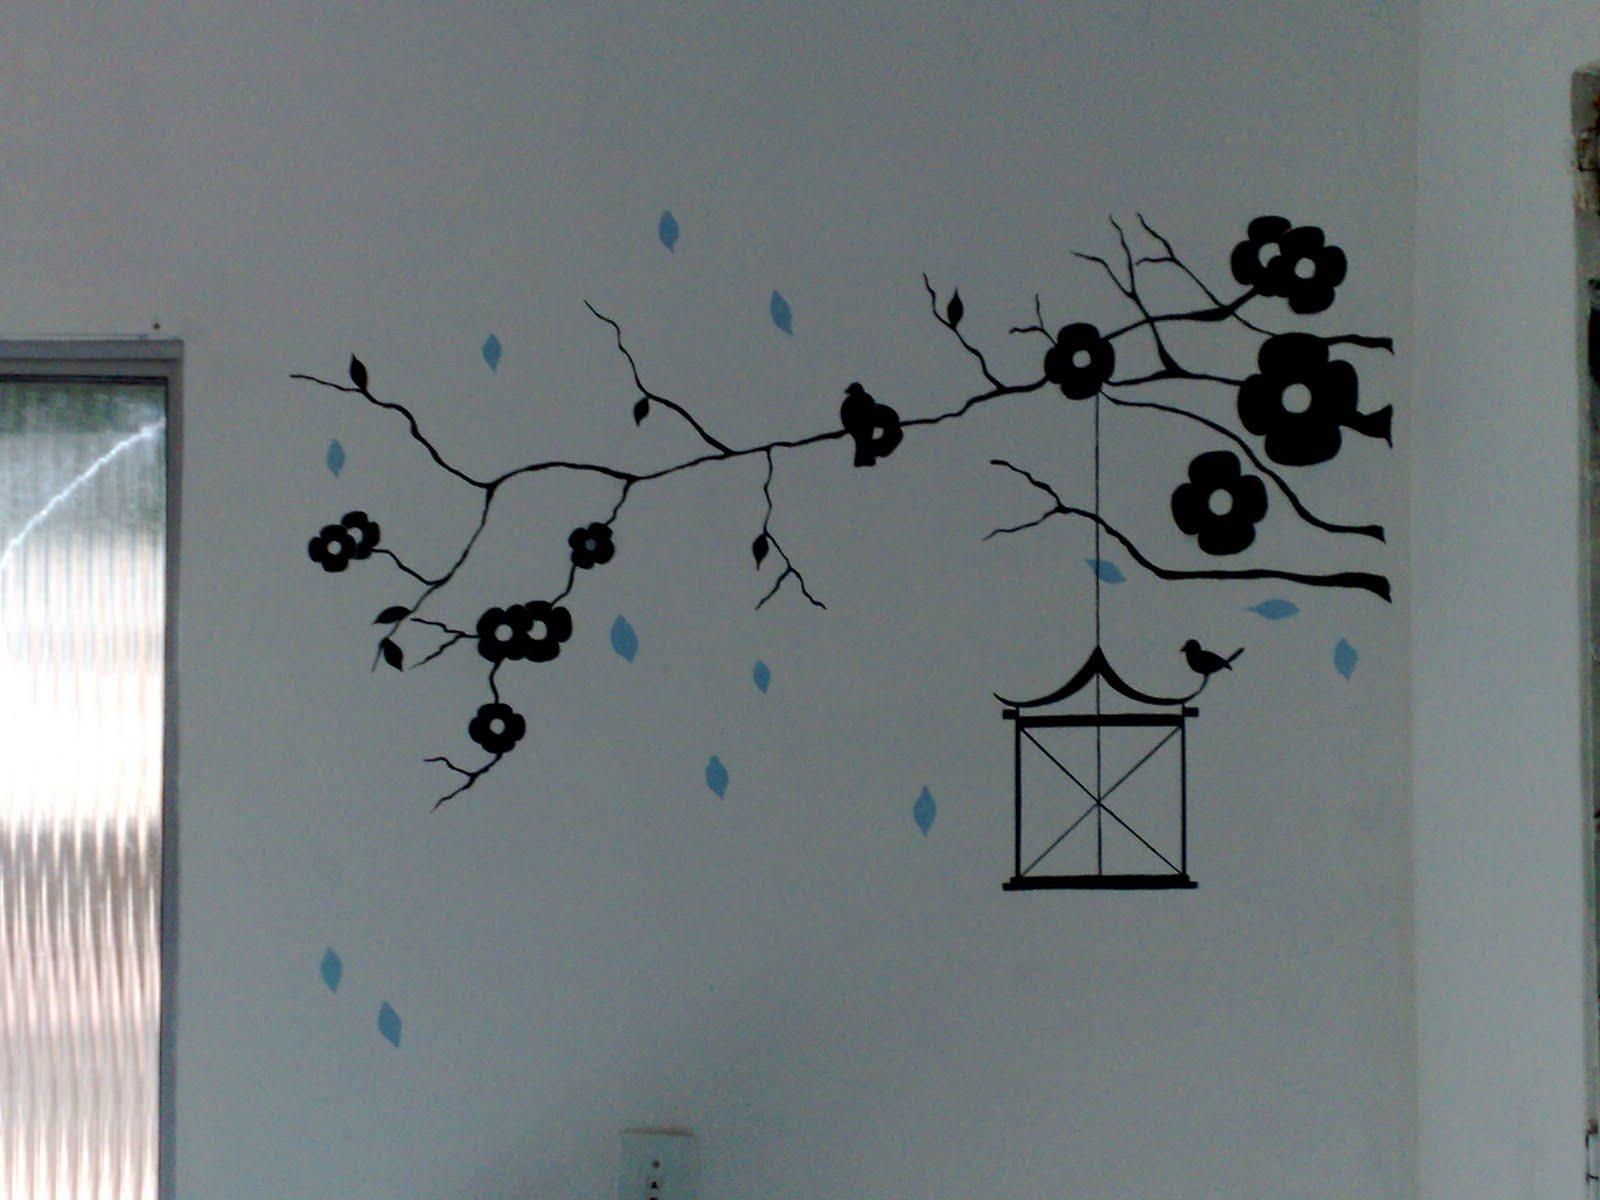 Pinturas decorativas em paredes pinturas - Pinturas decorativas paredes ...